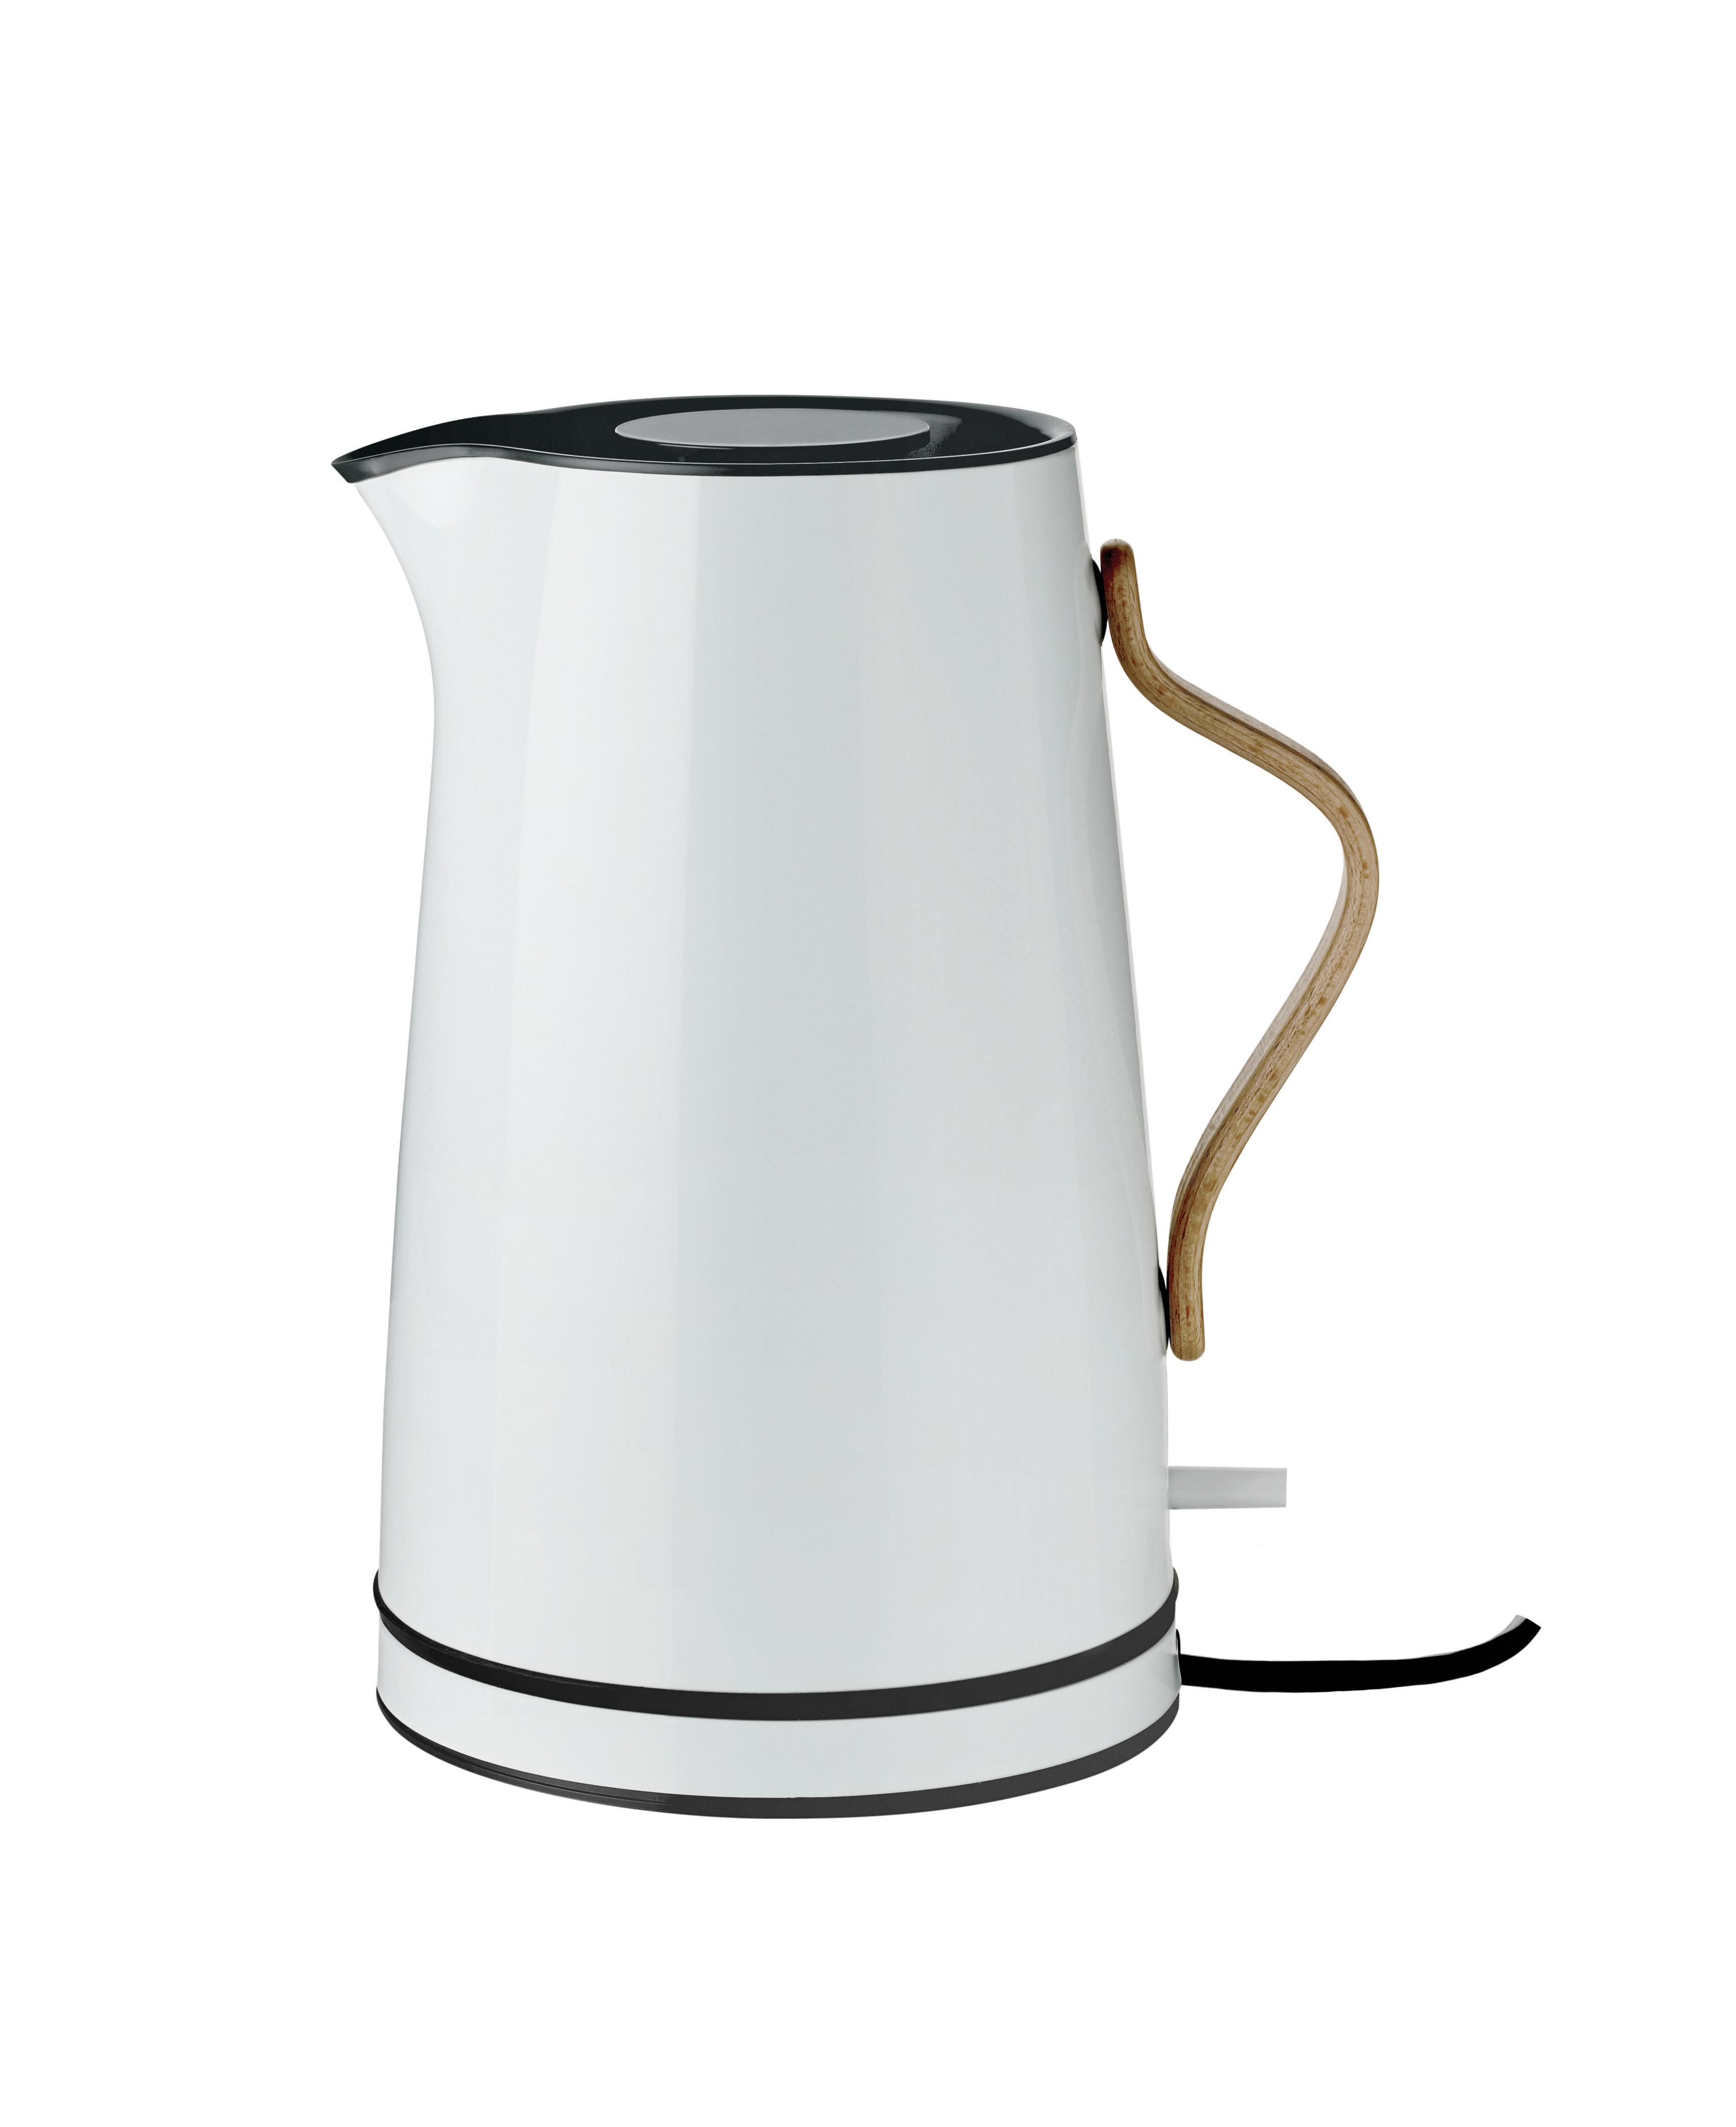 stelton emma electric kettle 1 2 liter blue kettle